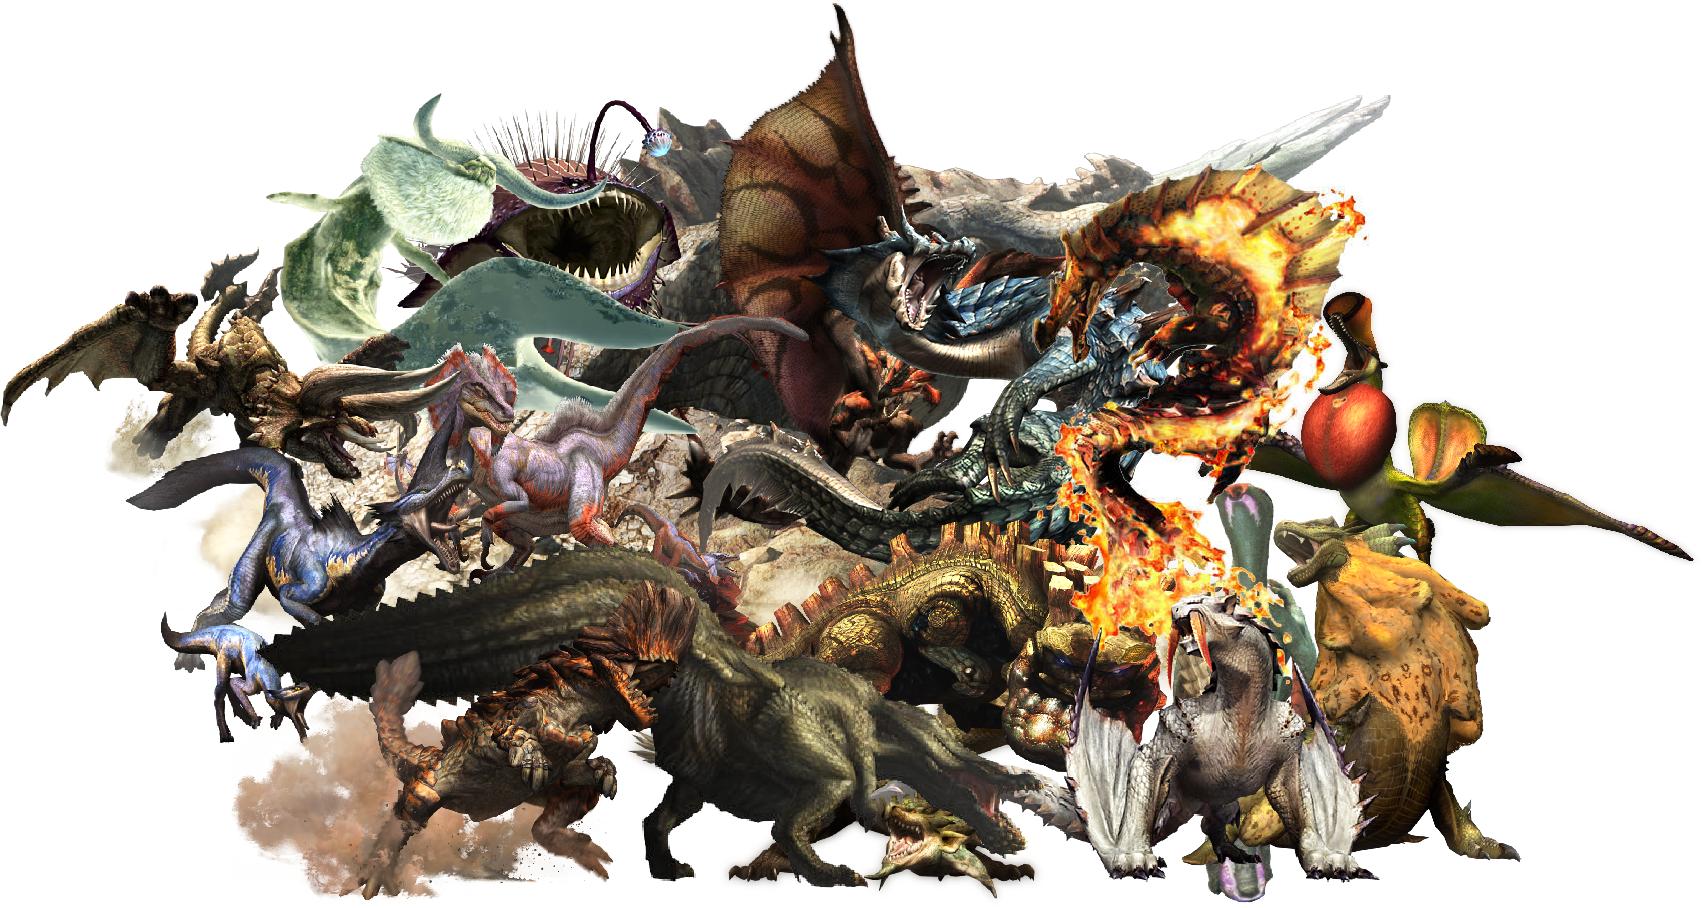 Monster Hunter 4 Wallpaper For Desktop 1702x908